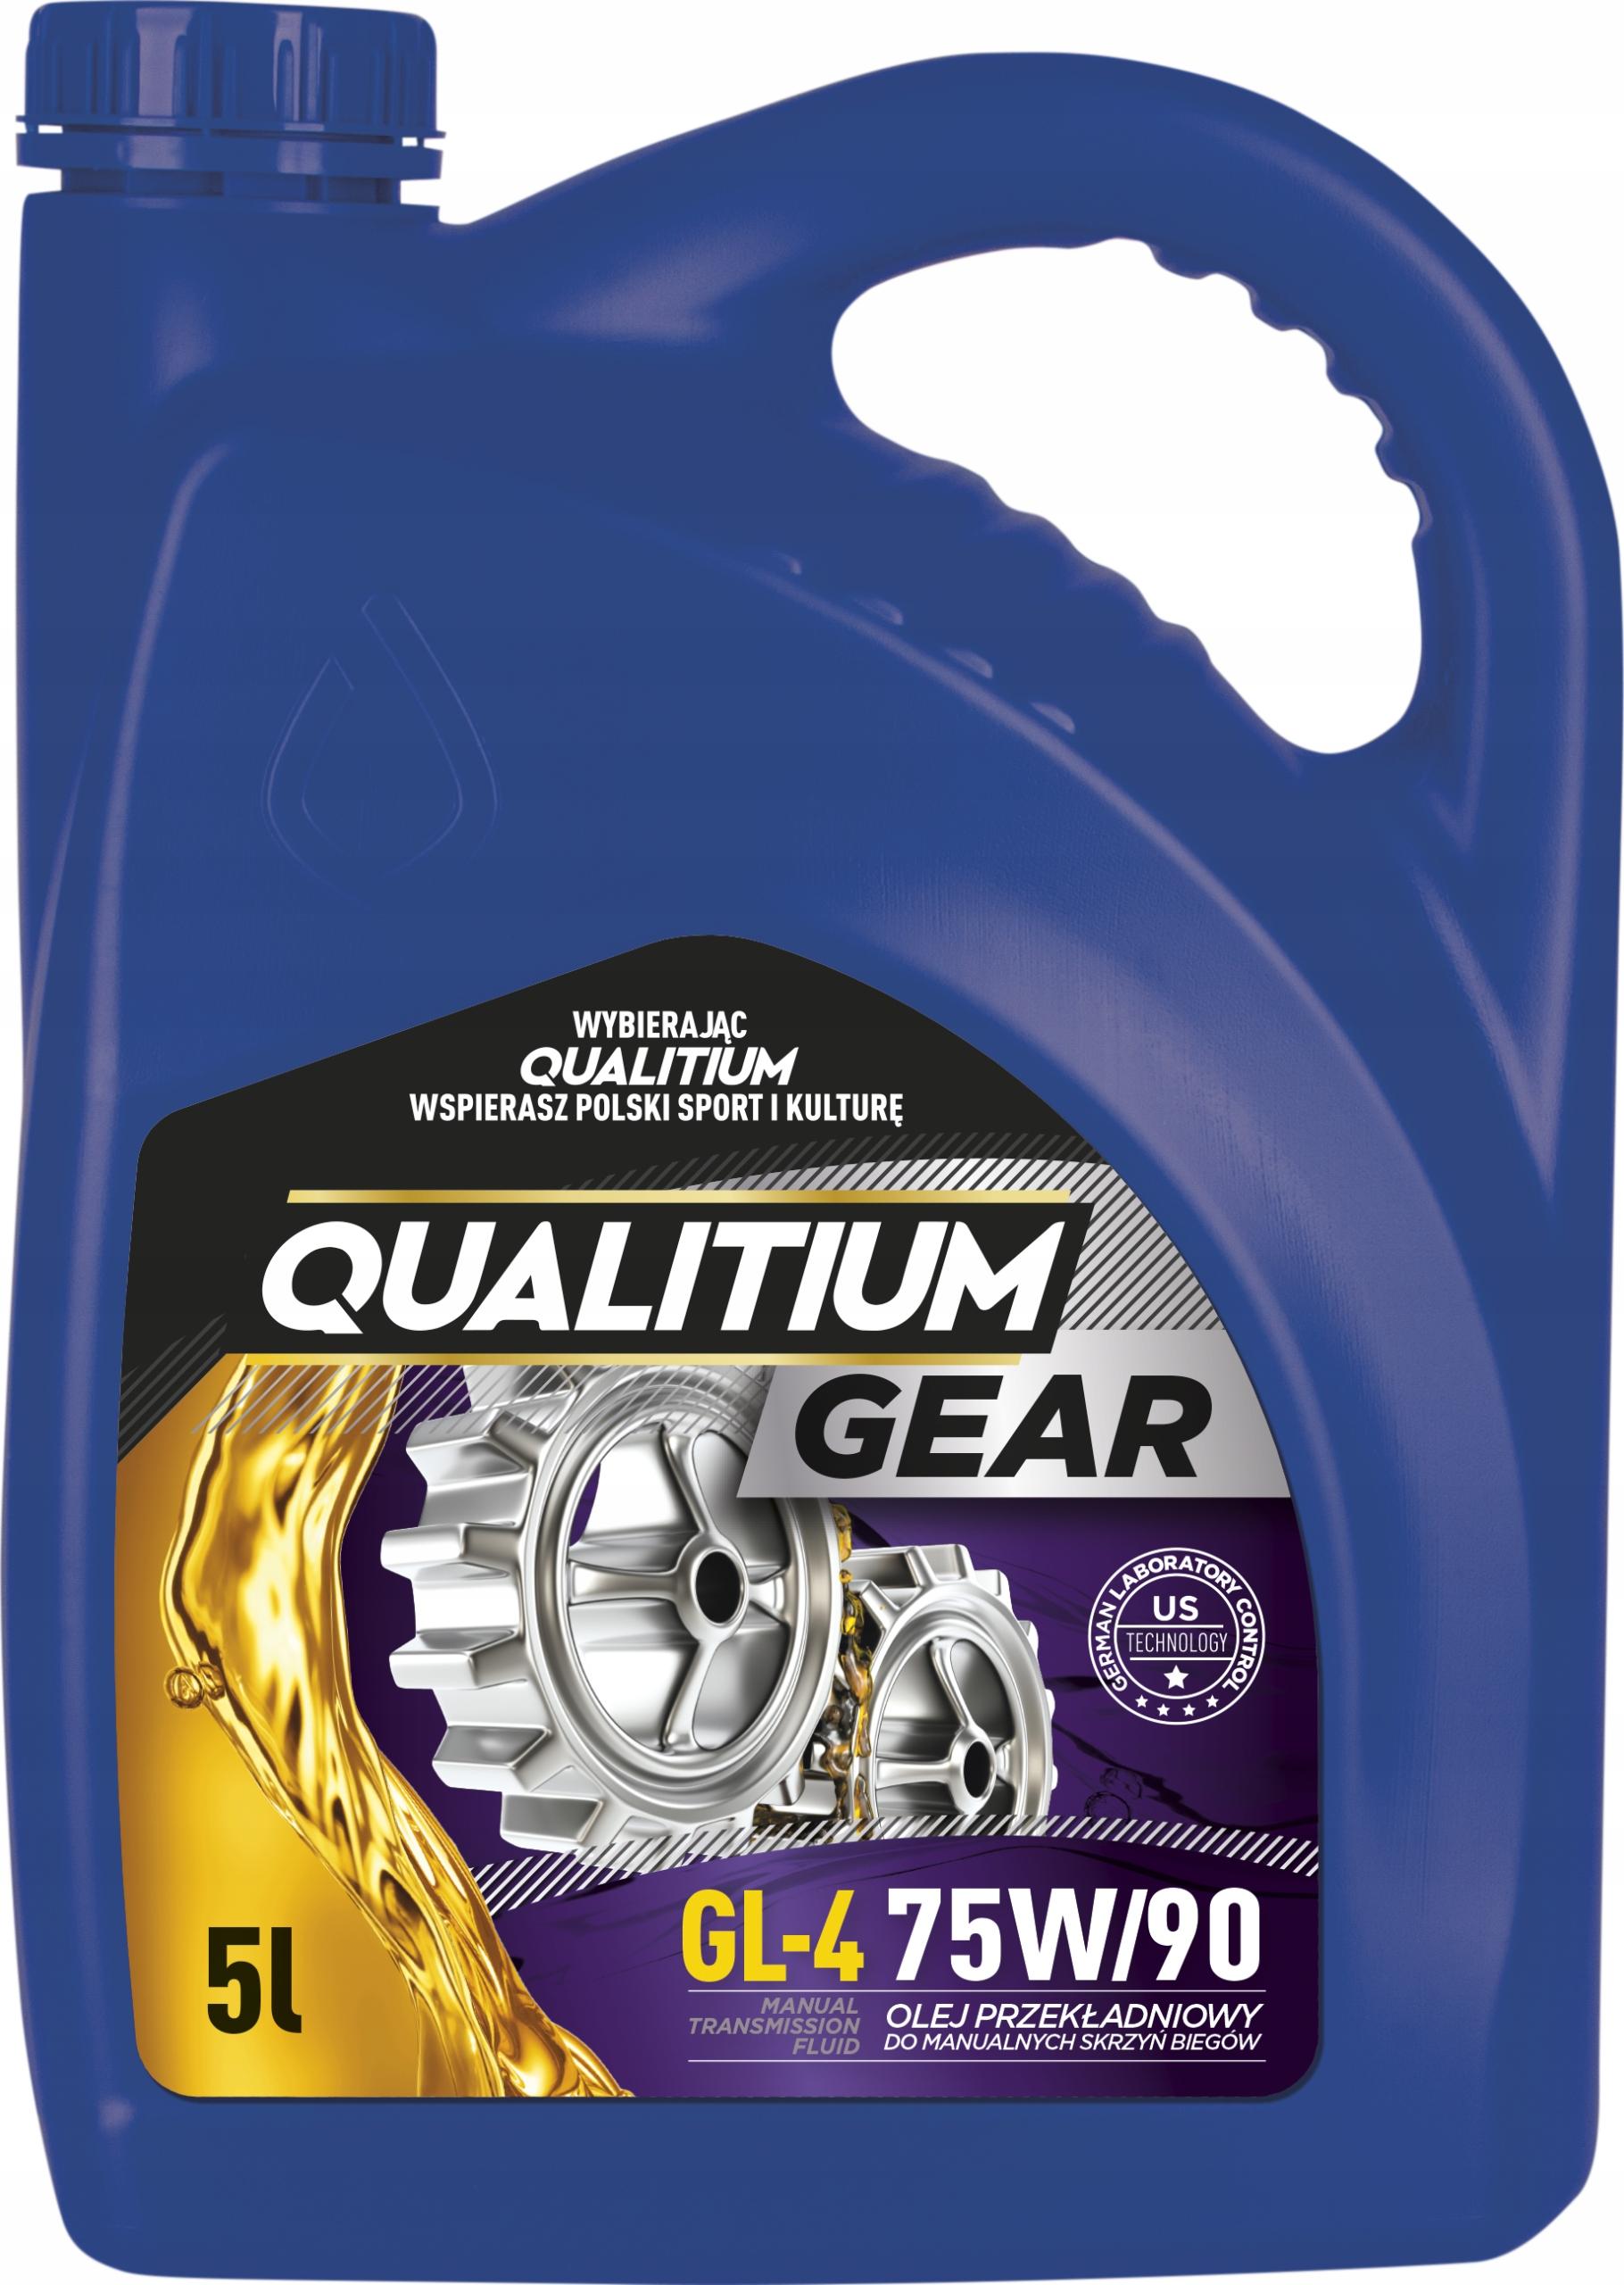 QUALITIUM Gear GL 4 75W 90 5L Трансмиссионное масло